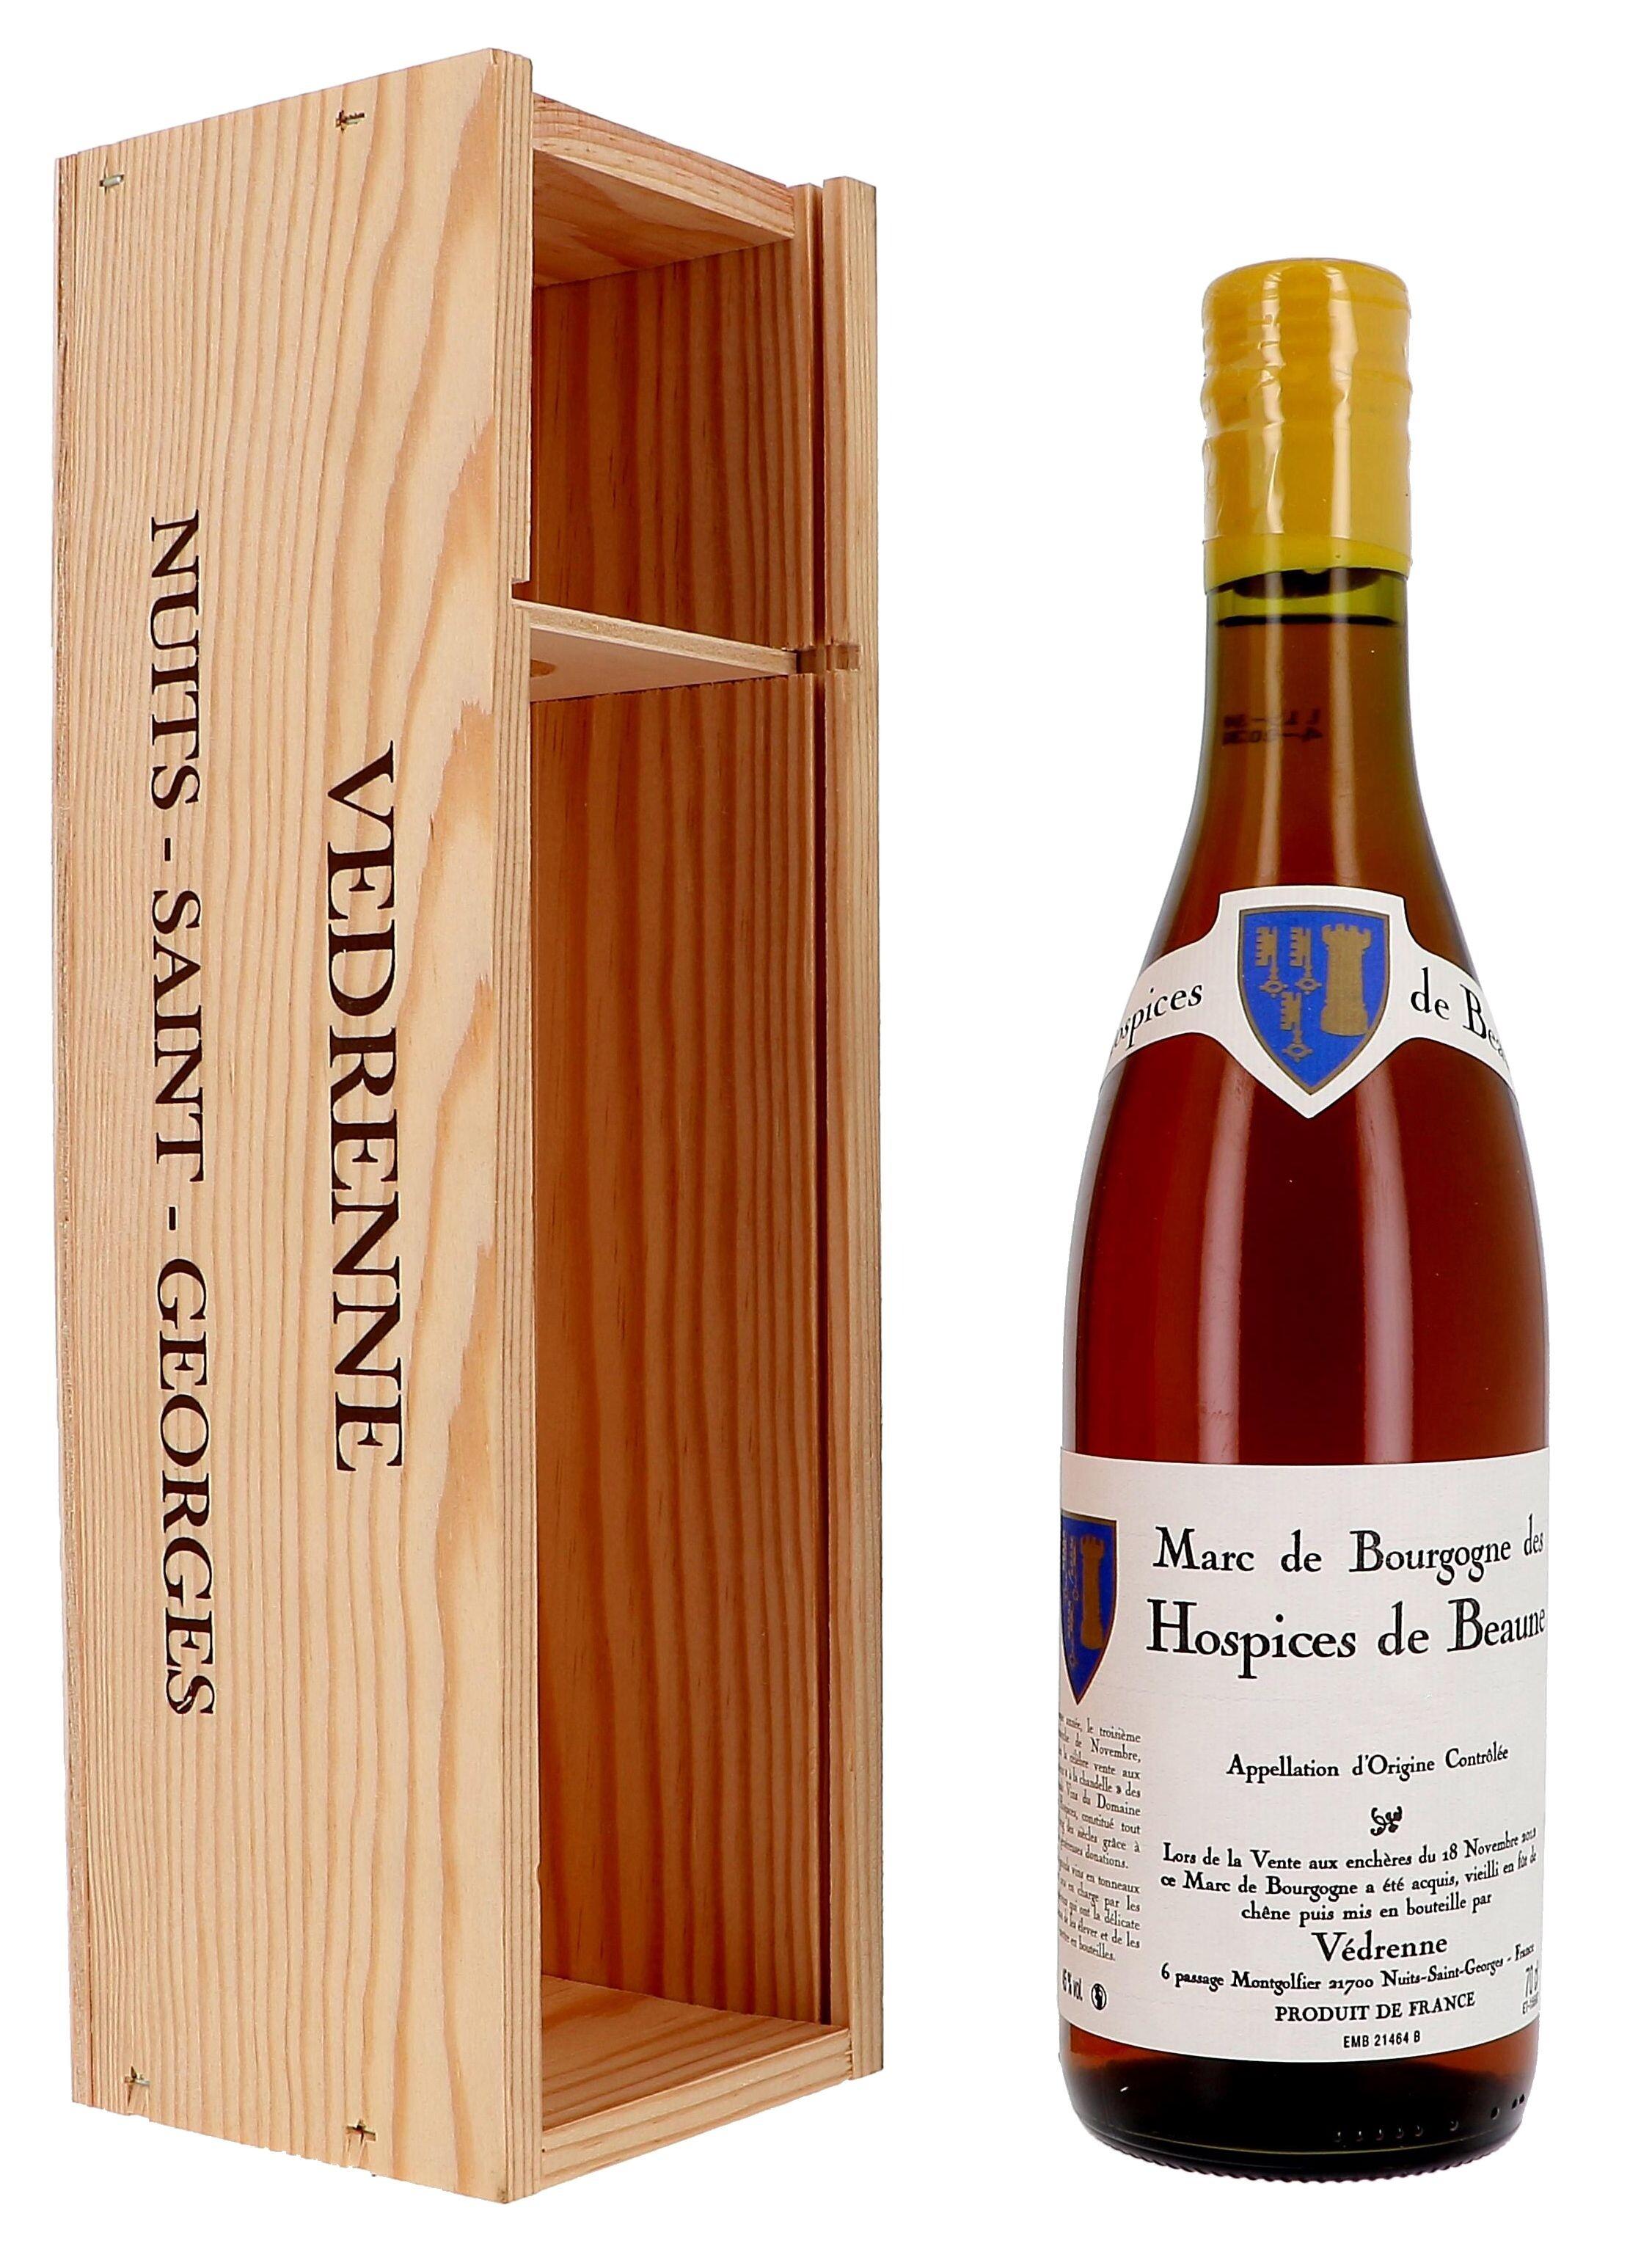 Eau de Vie de Marc de Bourgogne des Hospices de Beaune 70cl 45% Vedrenne (Eau de Vie)